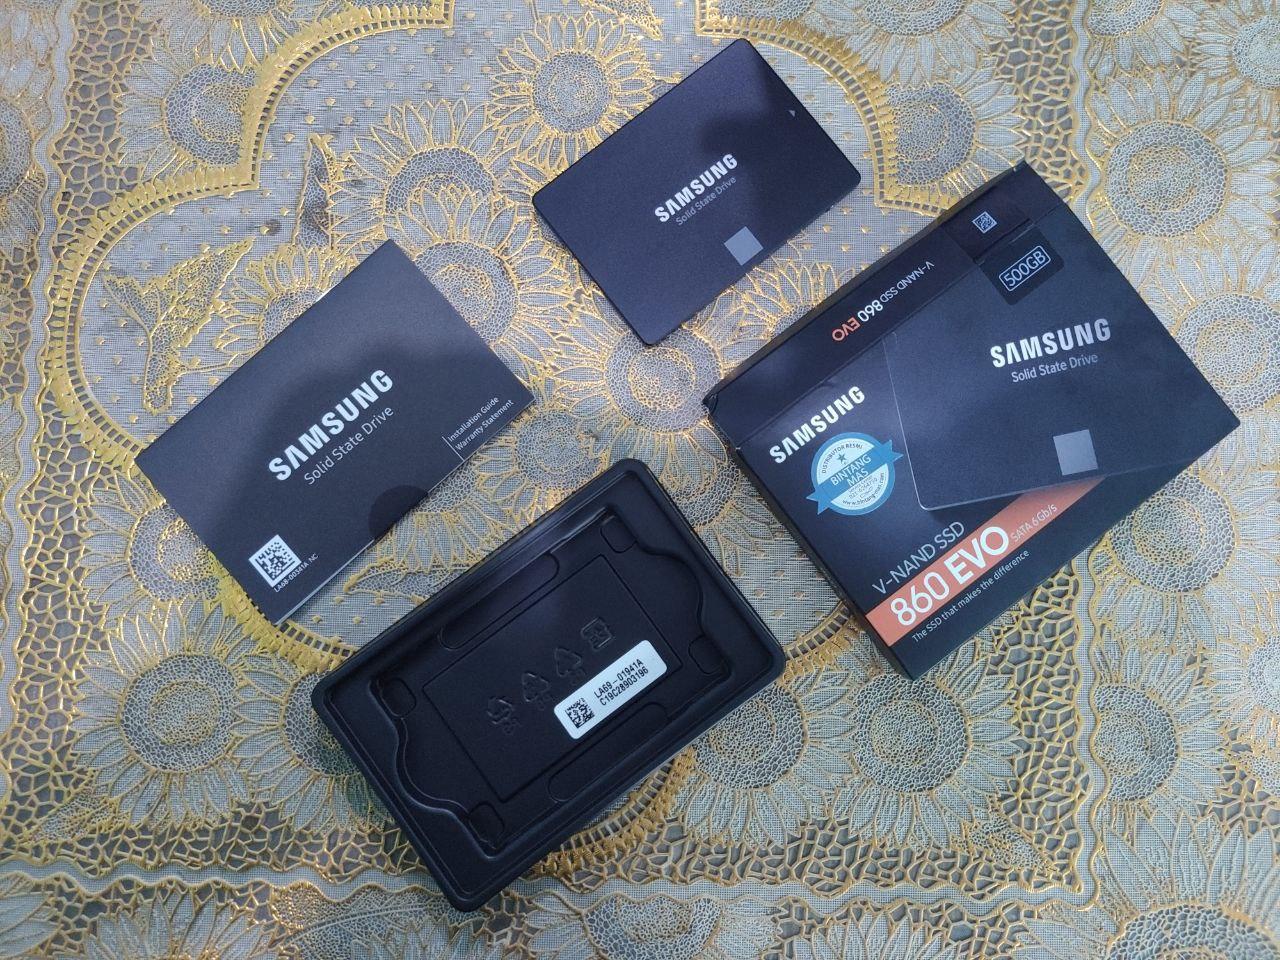 Samsung V-Nand SSD 860 EVO 500GB